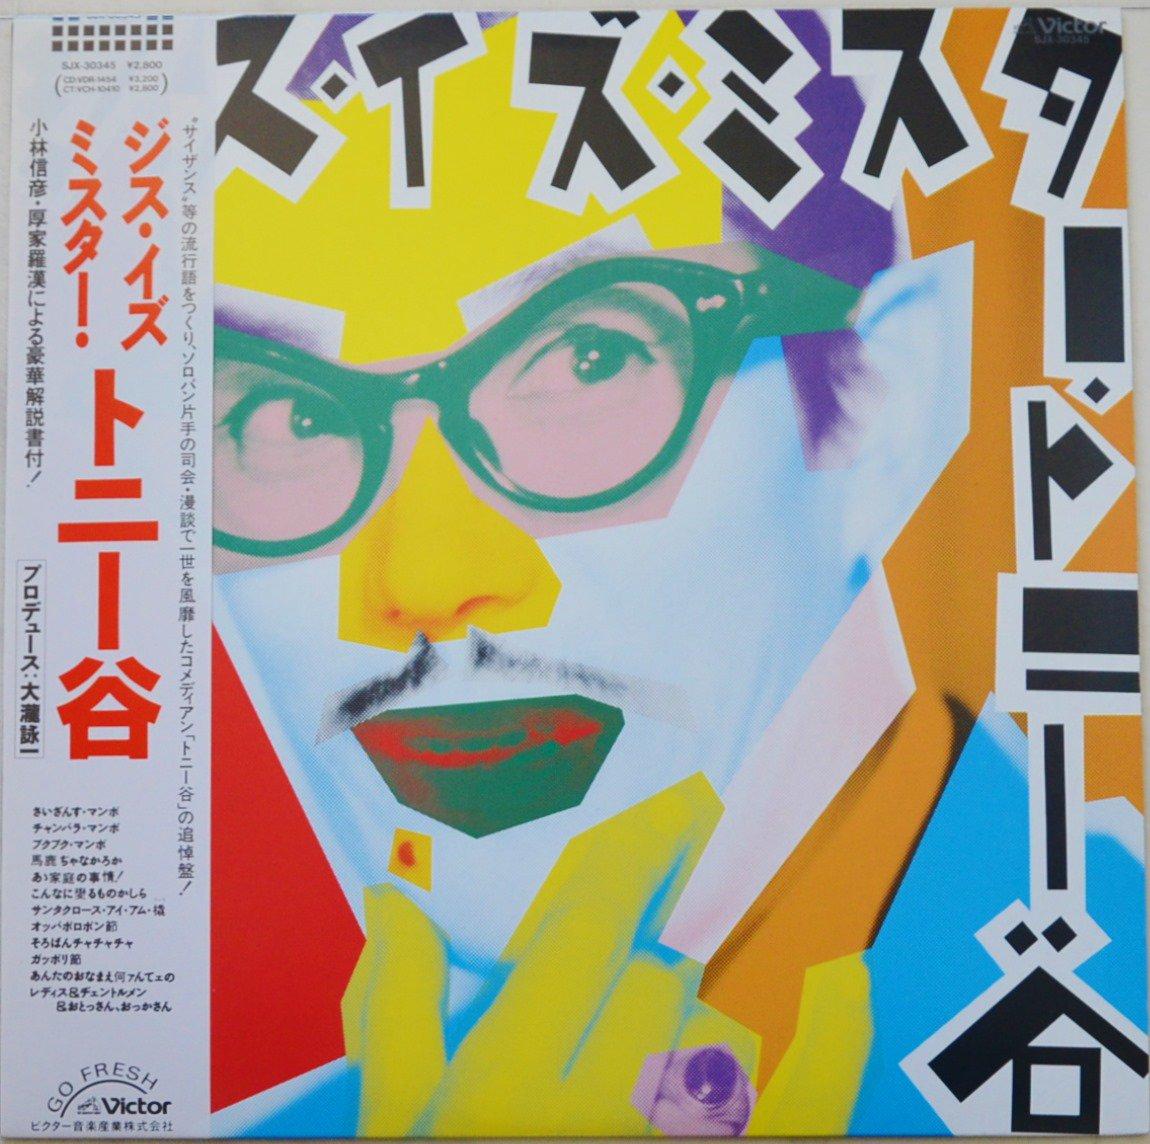 トニー谷 TONY TANI / ジス・イズ・ミスター・トニー谷 (PROD BY 大瀧詠一) (LP)